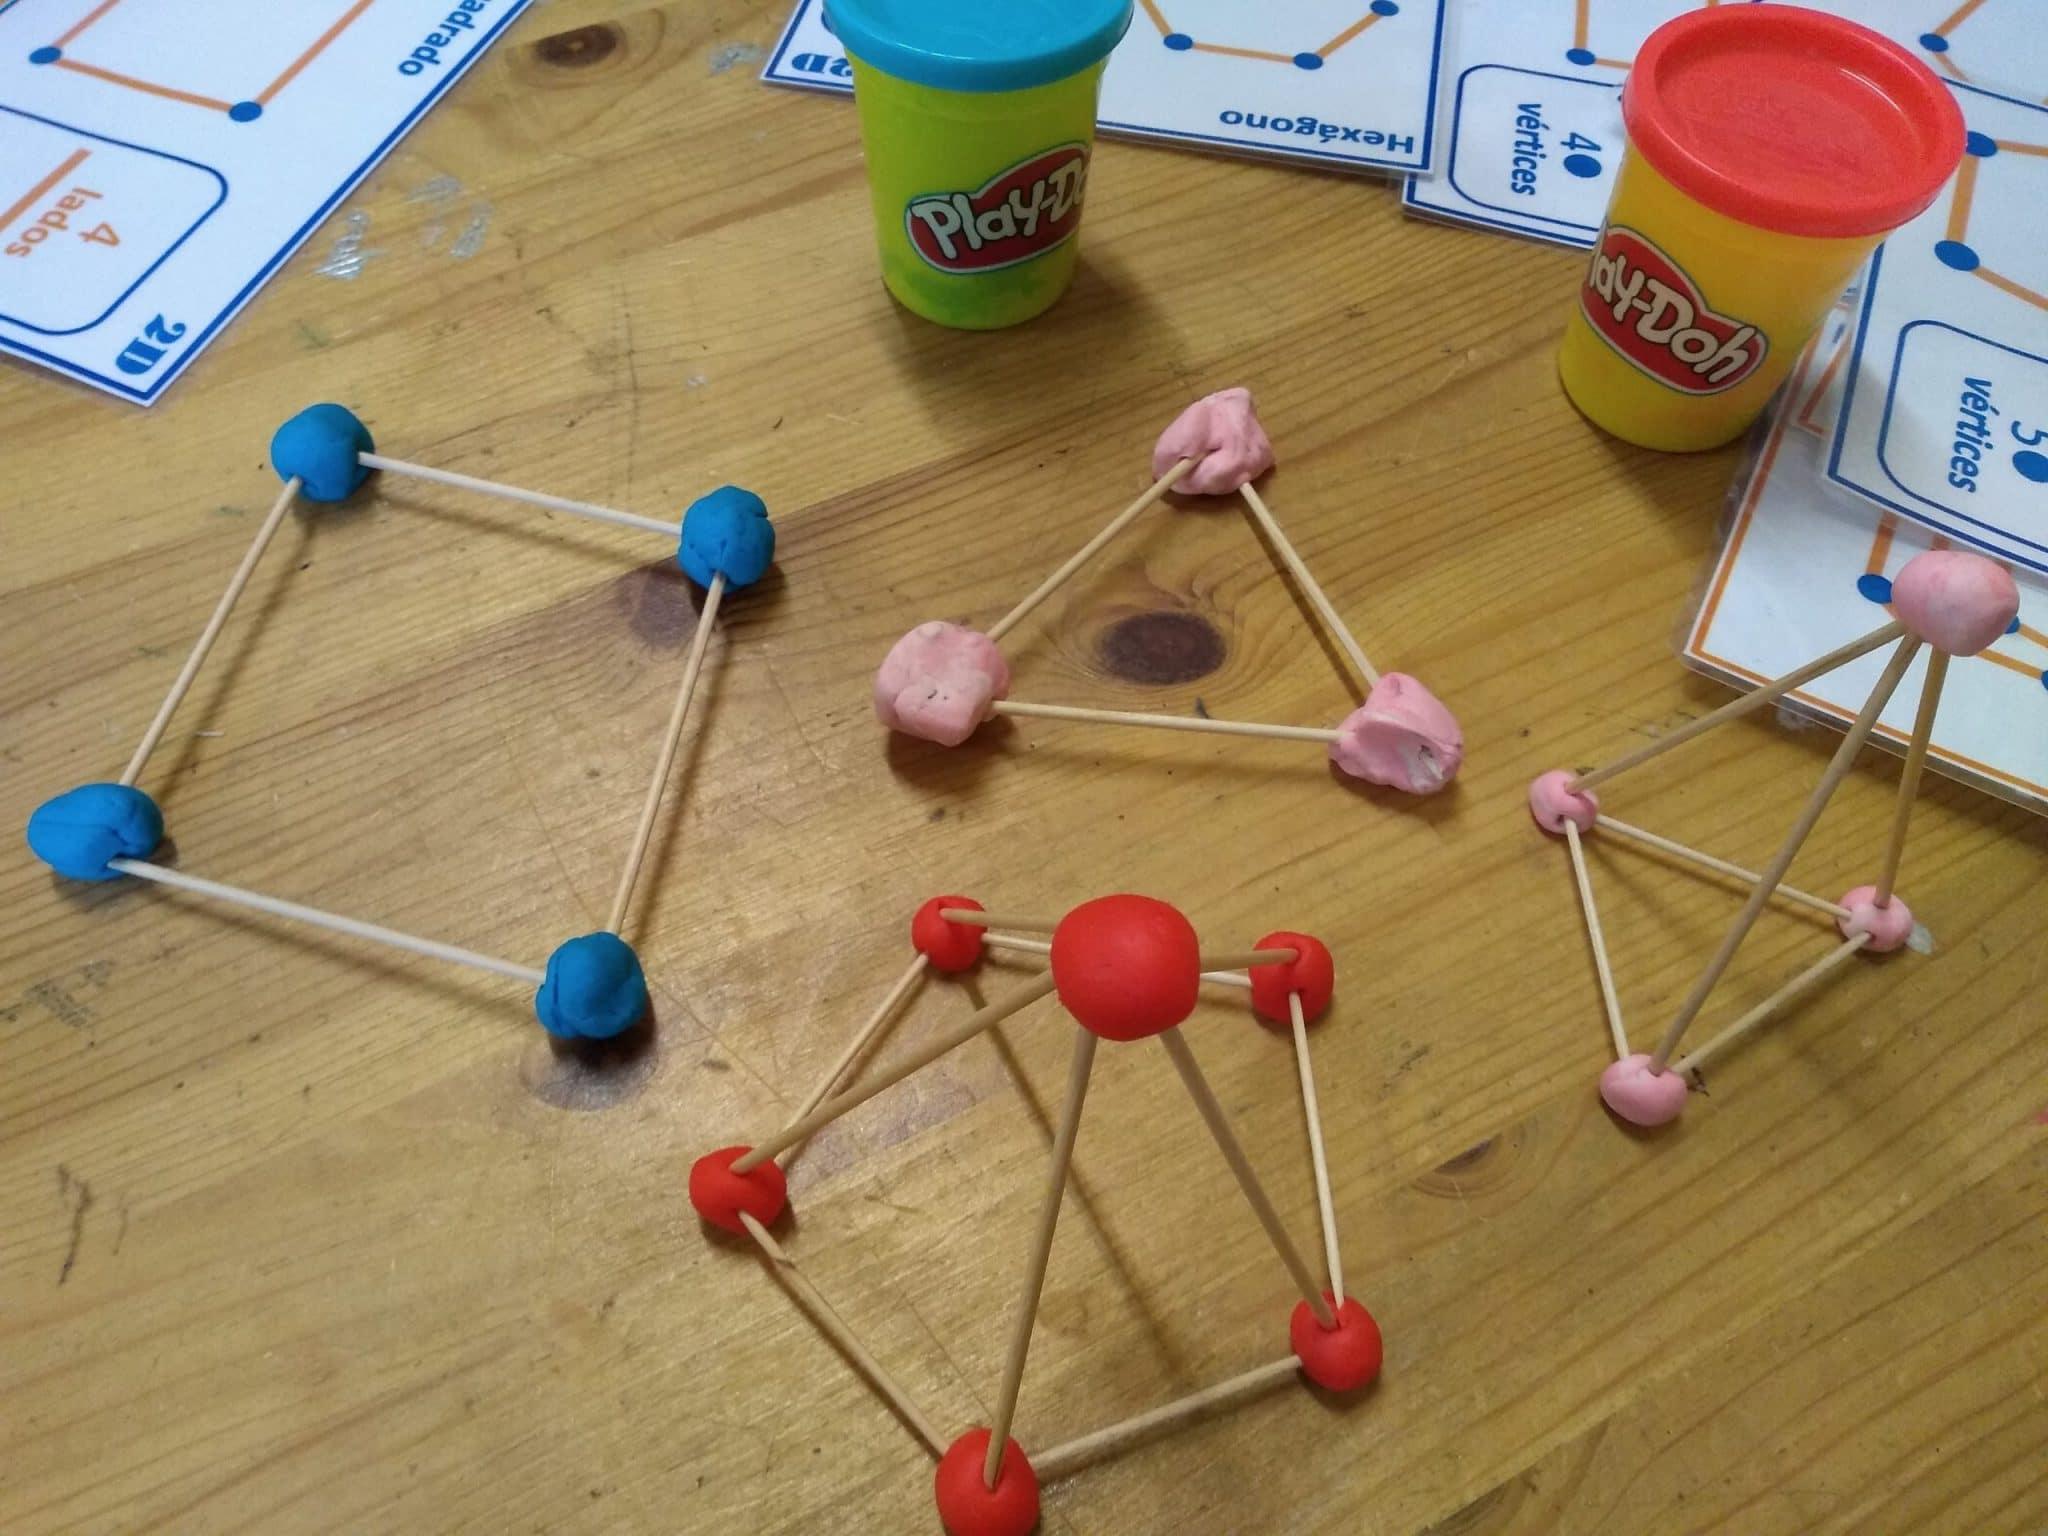 formas geométricas con palillos y plastelina, aristas y vértices